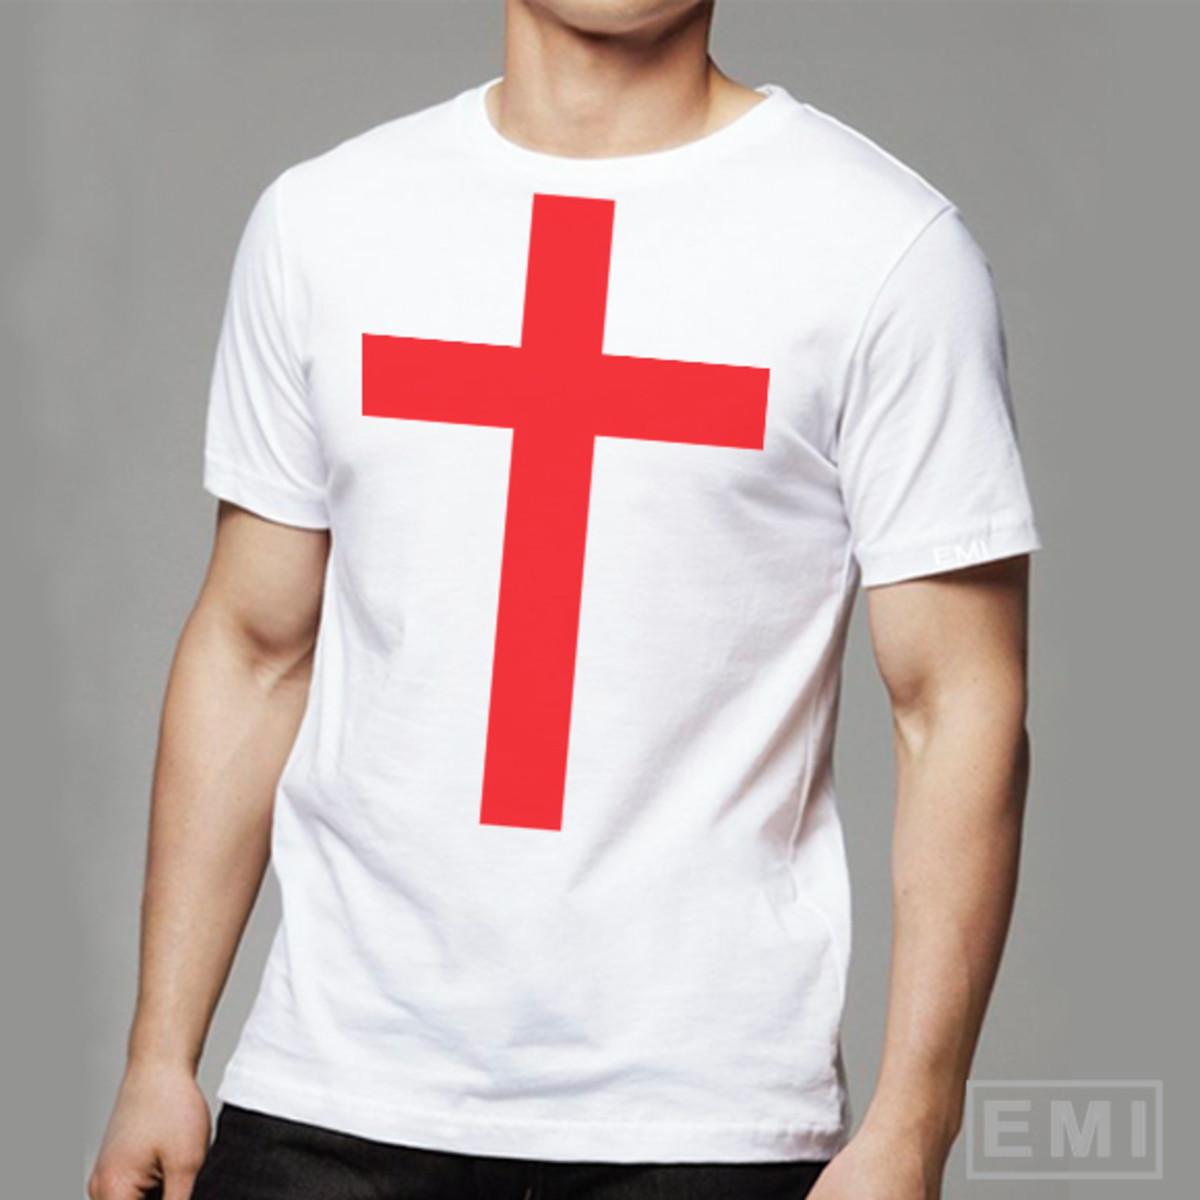 Camisetas Templários no Elo7  bf5f35ad880b2